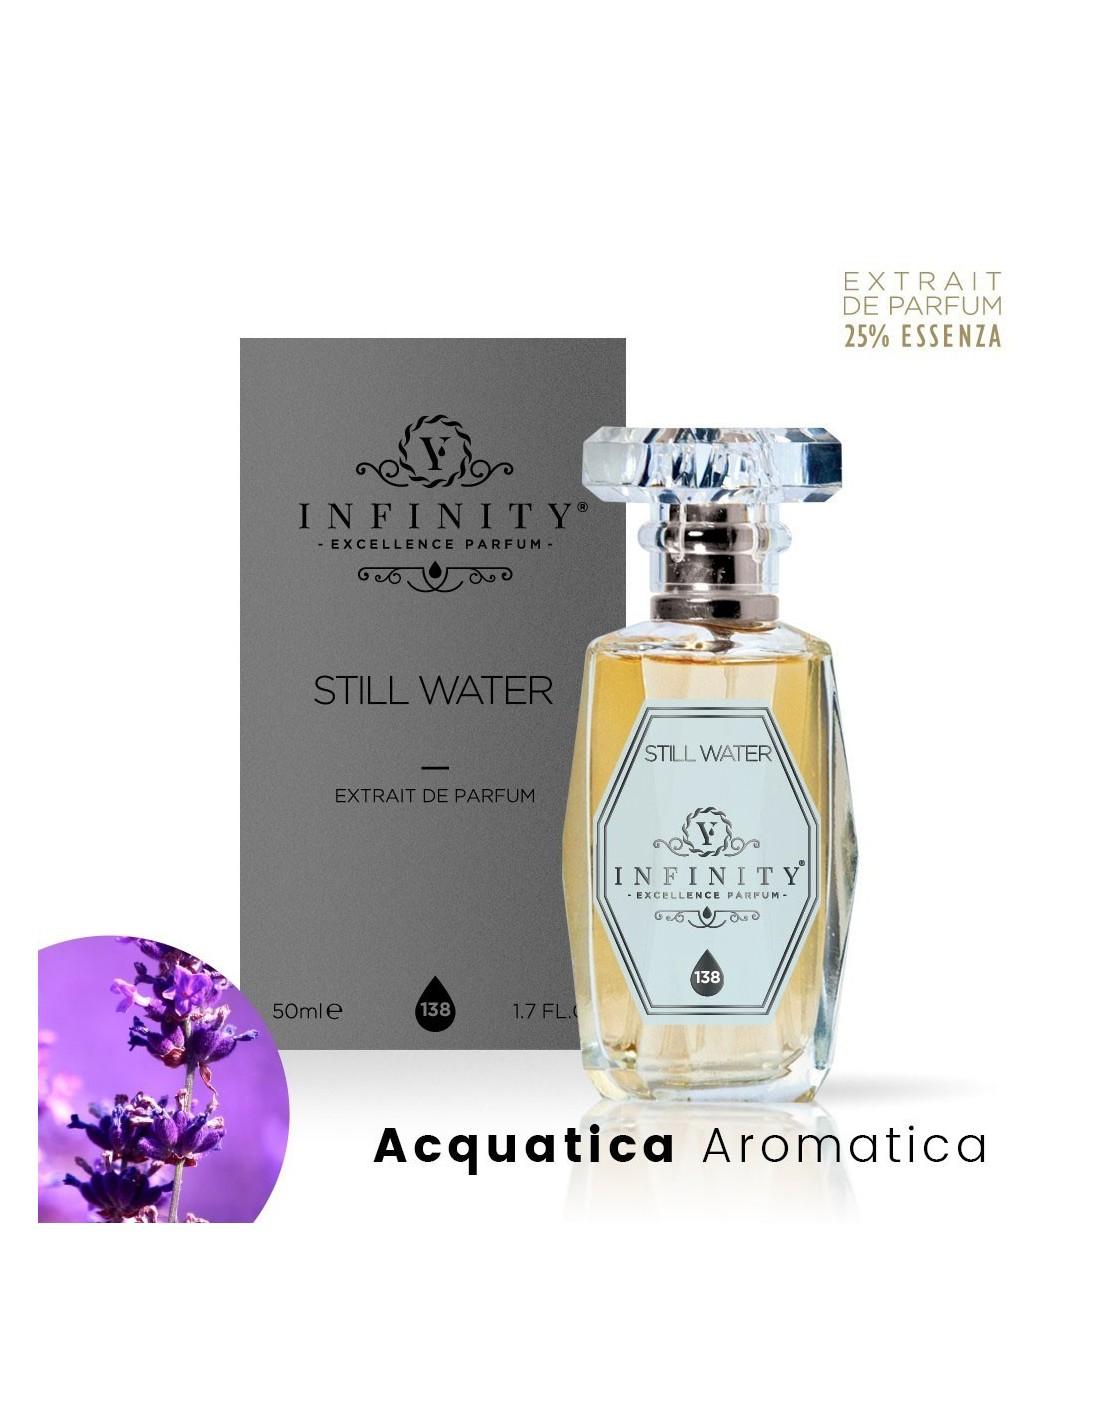 N° 138 - Still Water